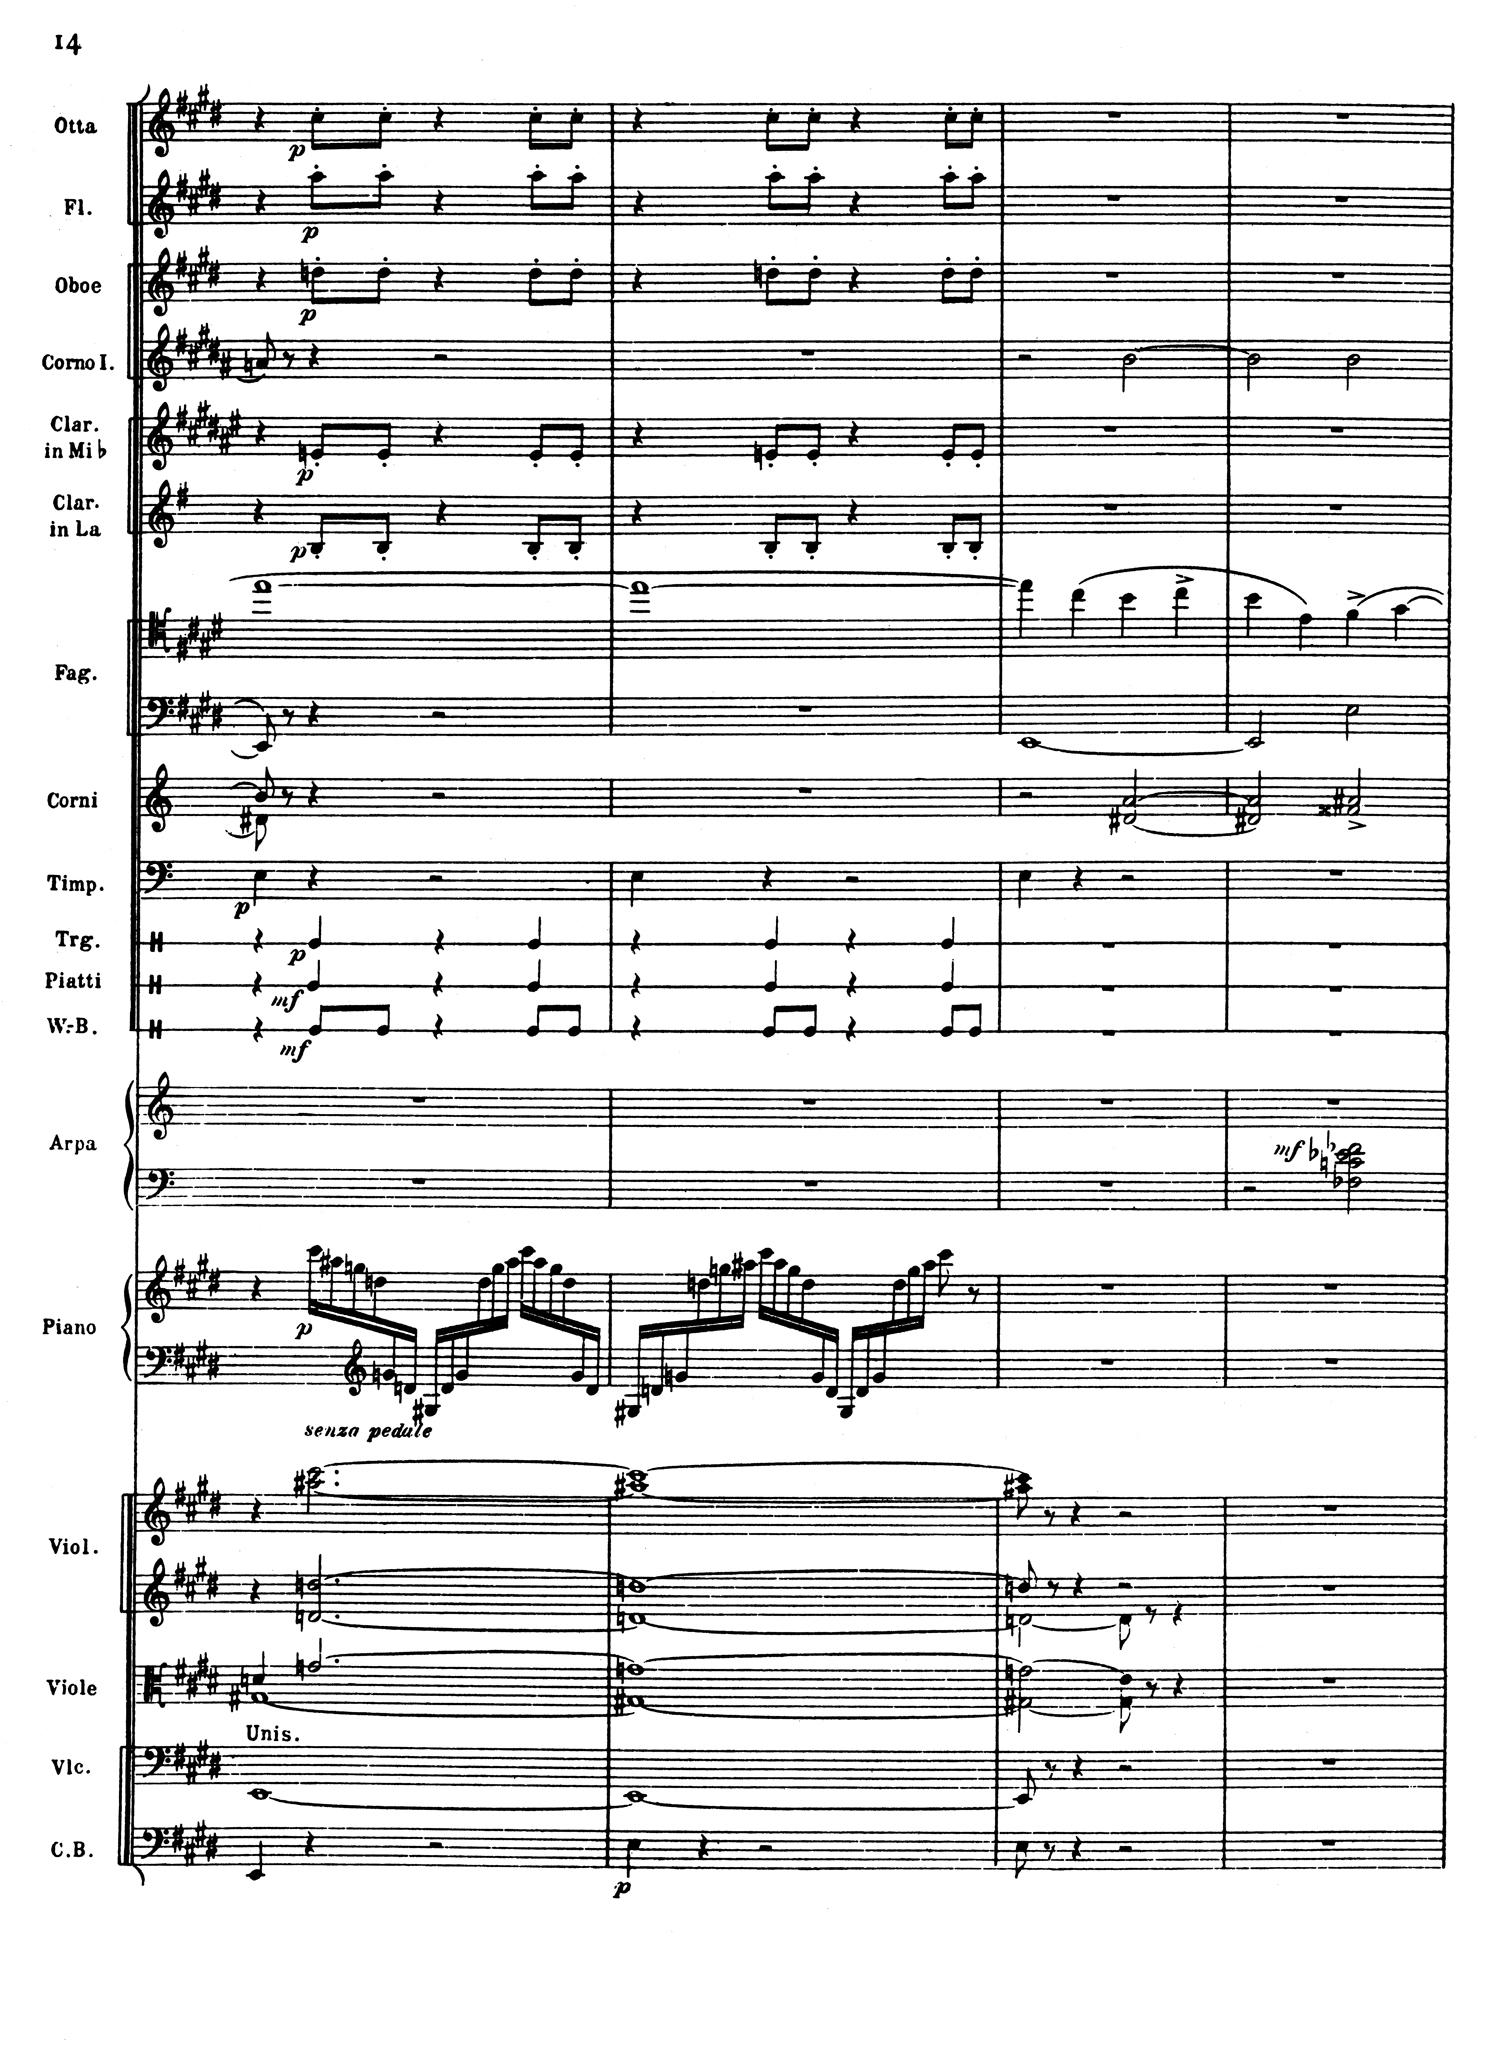 Ravel Piano Mvt 1 Score 2.jpg